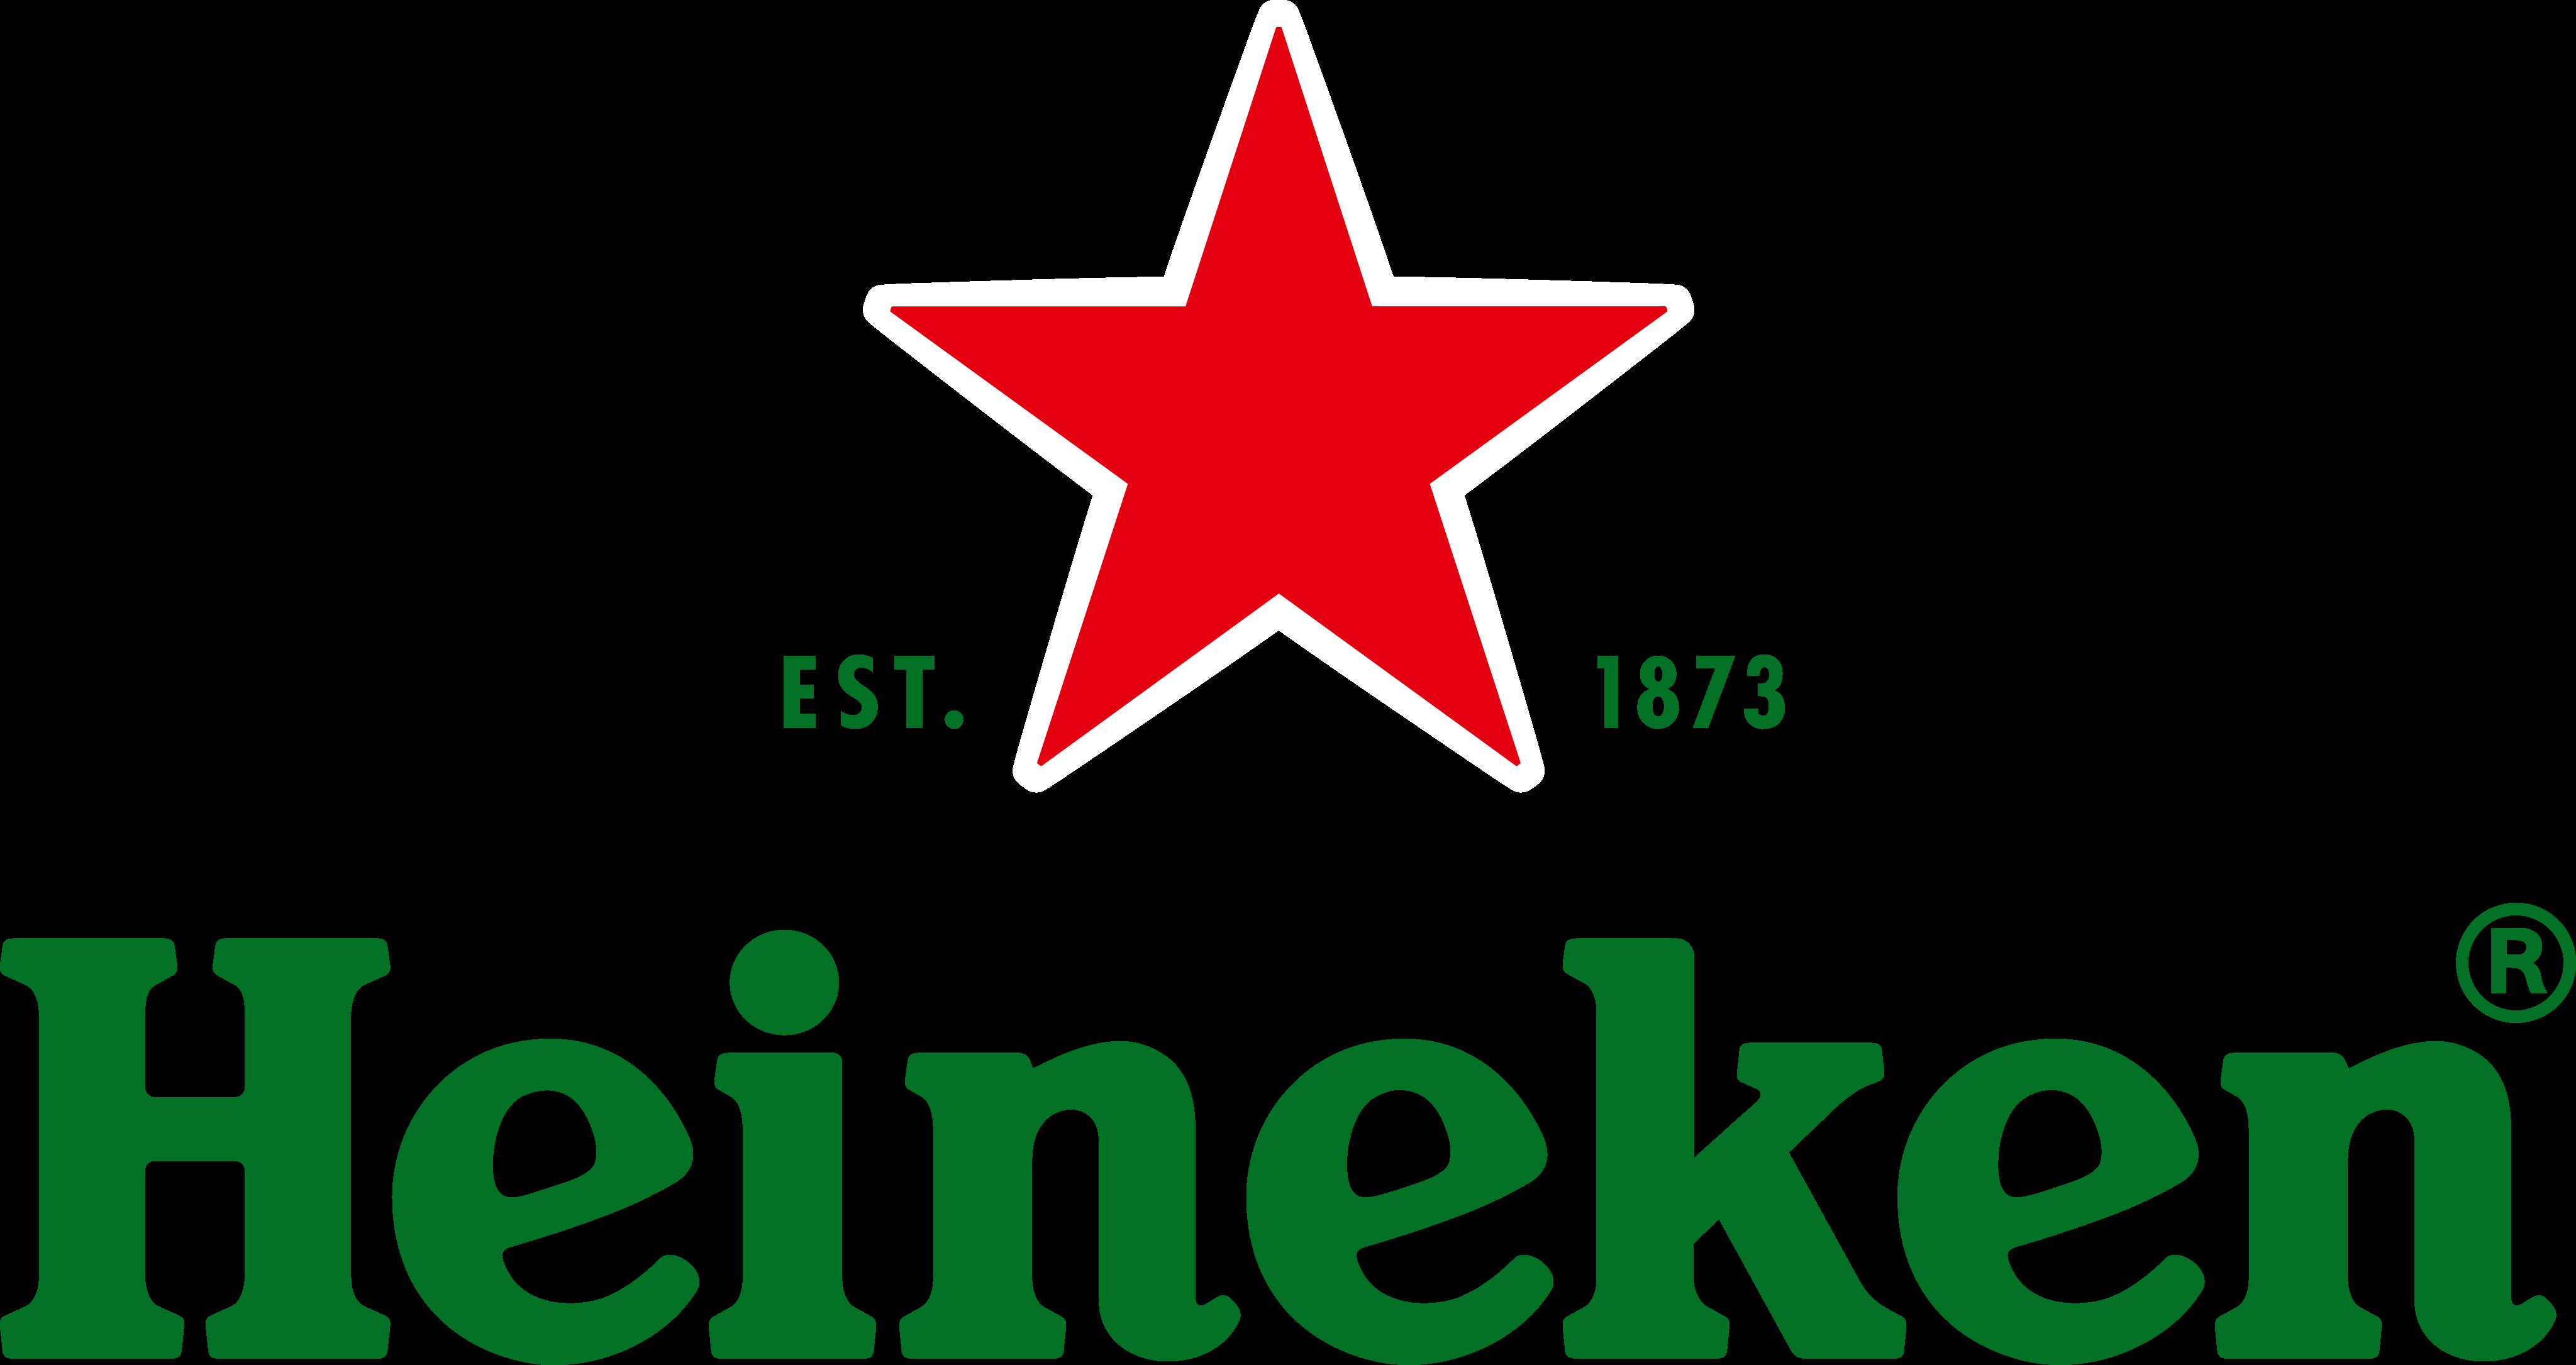 Heineken logo » Heineken logo